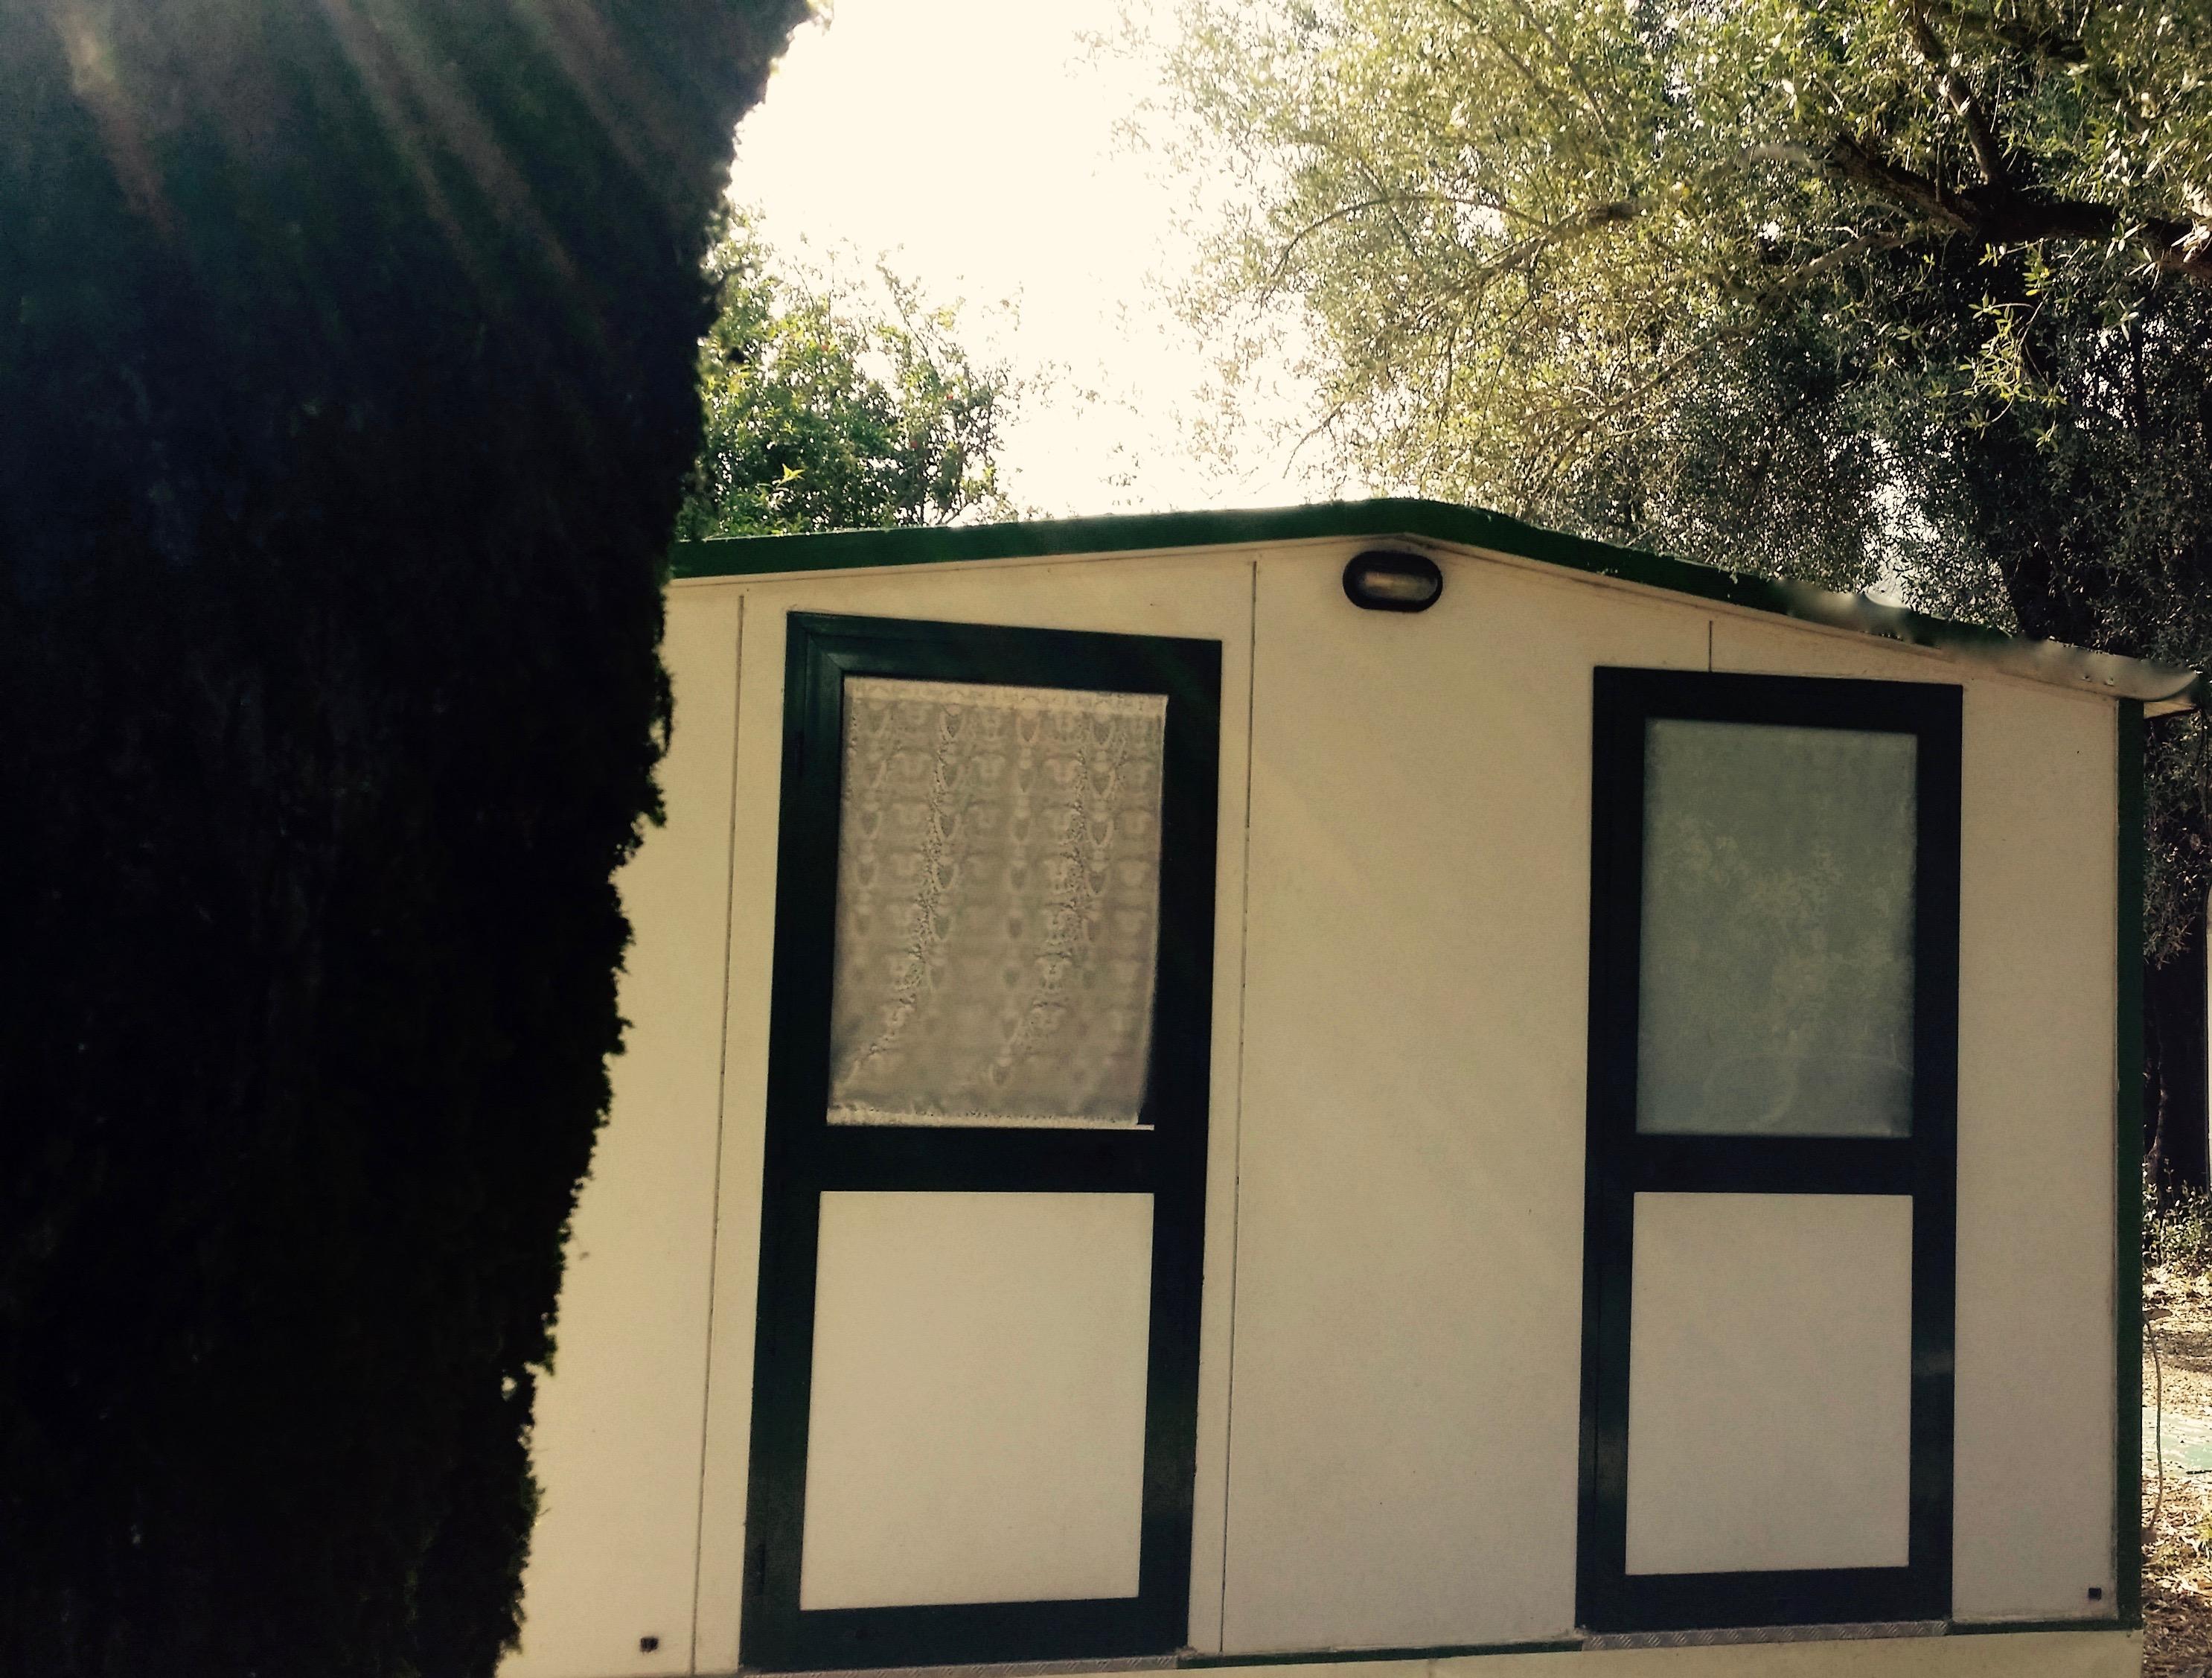 Le roulotte attrezzate disponibili al Camping Village Europa Unita possono ospitare fino a 5 persone e dispongno di una veranda pavimentata, un ampio spazio esterno con gazebo e modulo in pvc con bagno e cucina direttamente in piazzola